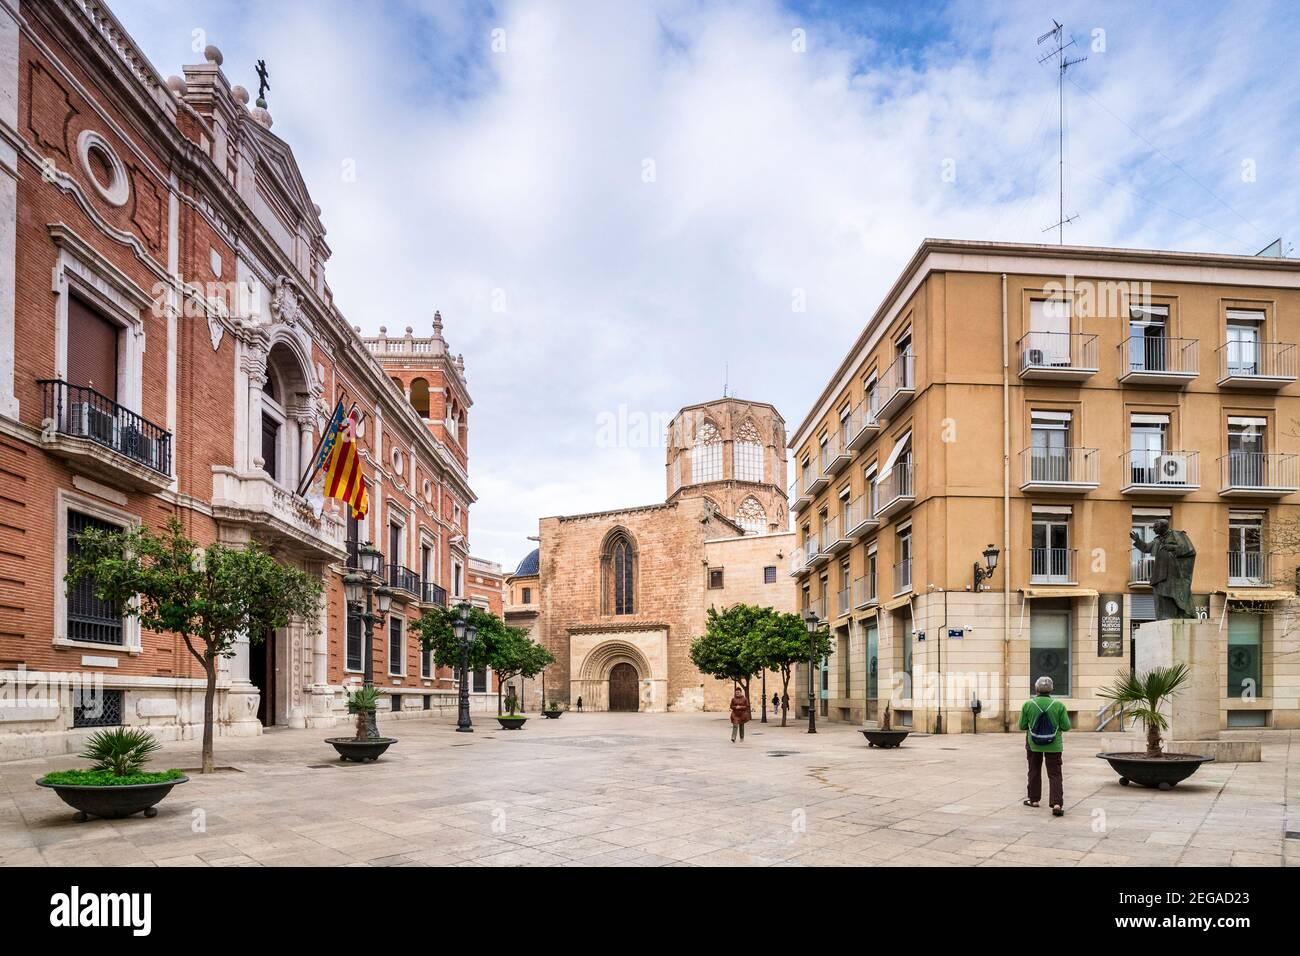 3 mars 2020: Valence, Espagne - vue le long de Carrer de Palau vers la cathédrale de Valence, avec les bureaux de l'archidiocèse de Valence sur la gauche. Banque D'Images